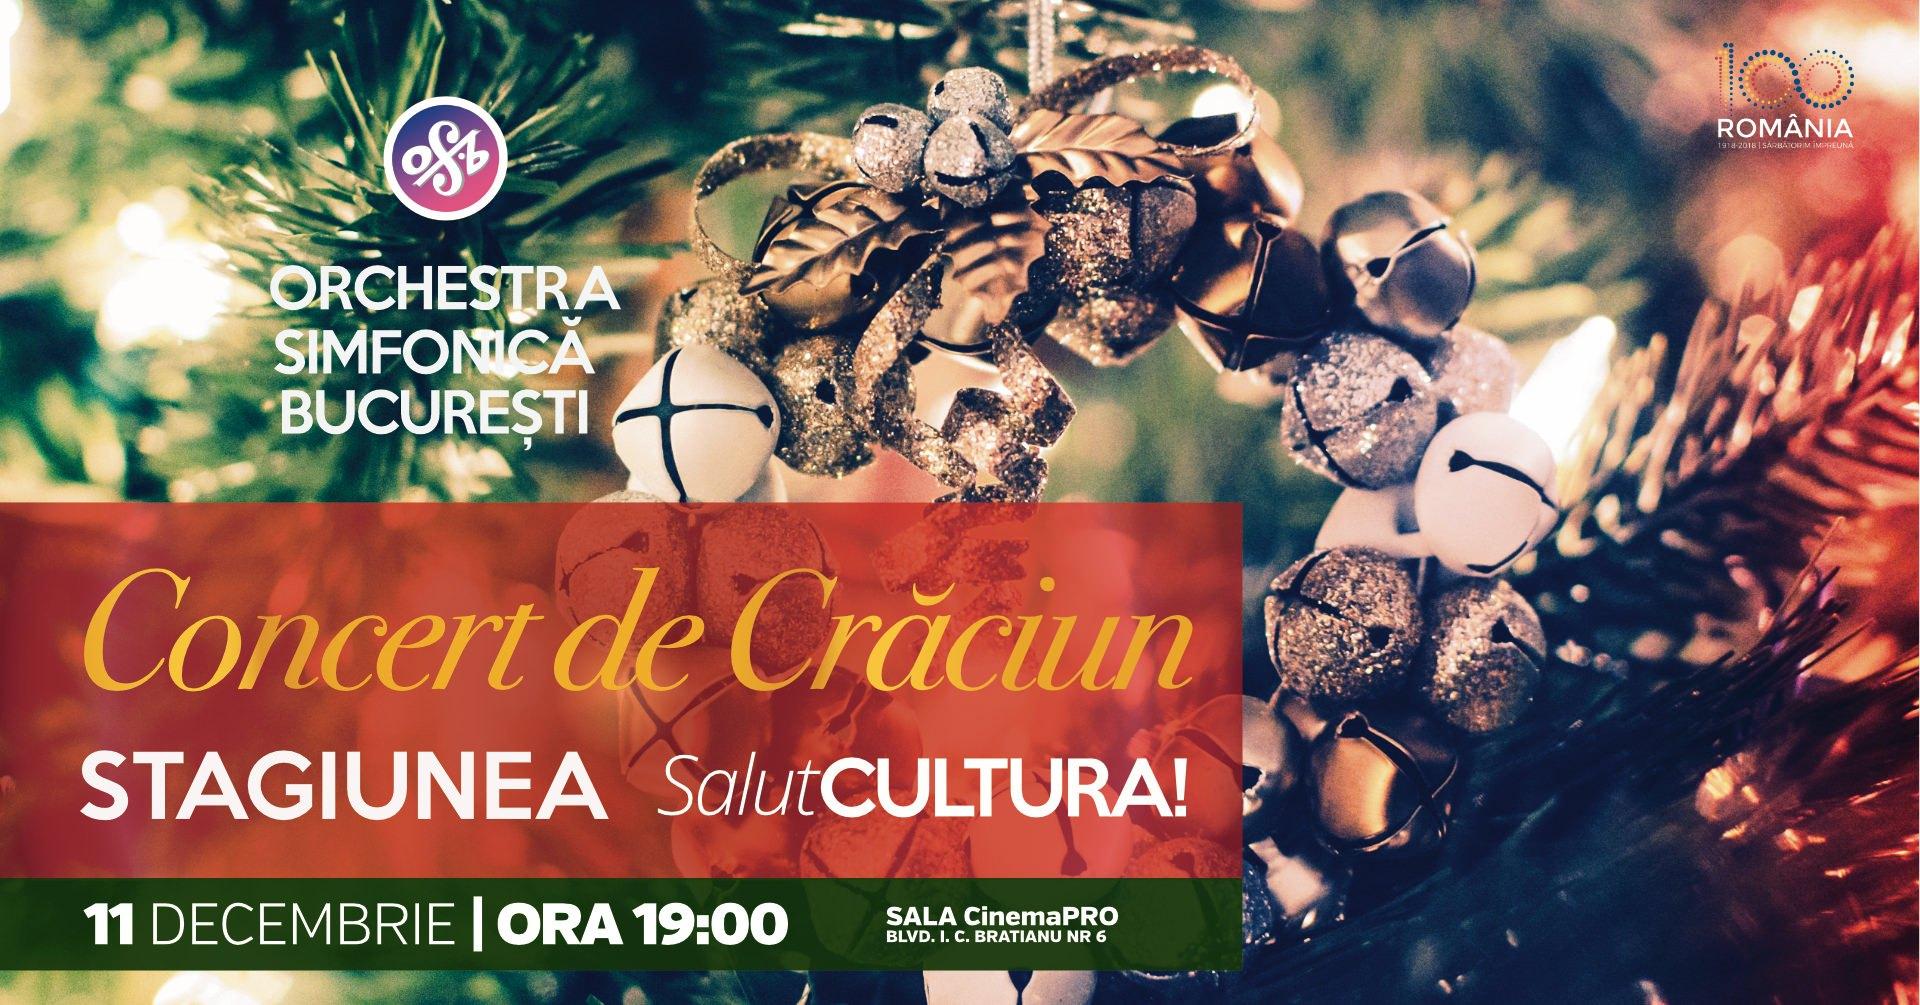 Orchestra Simfonica Bucuresti pregateste un Concert Extraordinar de Craciun parte a Stagiunii SalutCULTURA